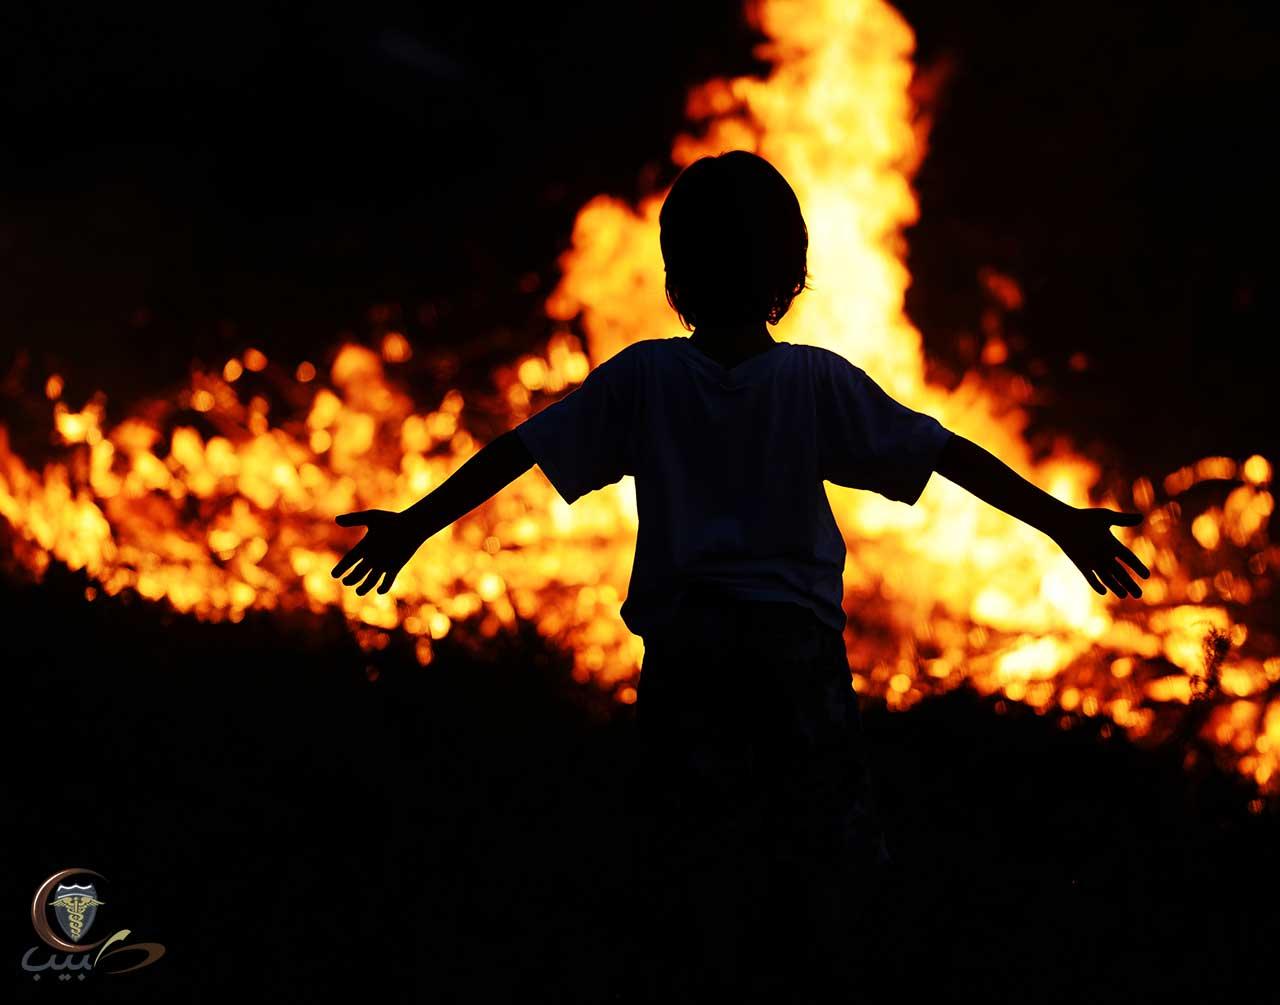 الإسعافات الأولية للطفل في حالة الحروق، الحرائق والدخان